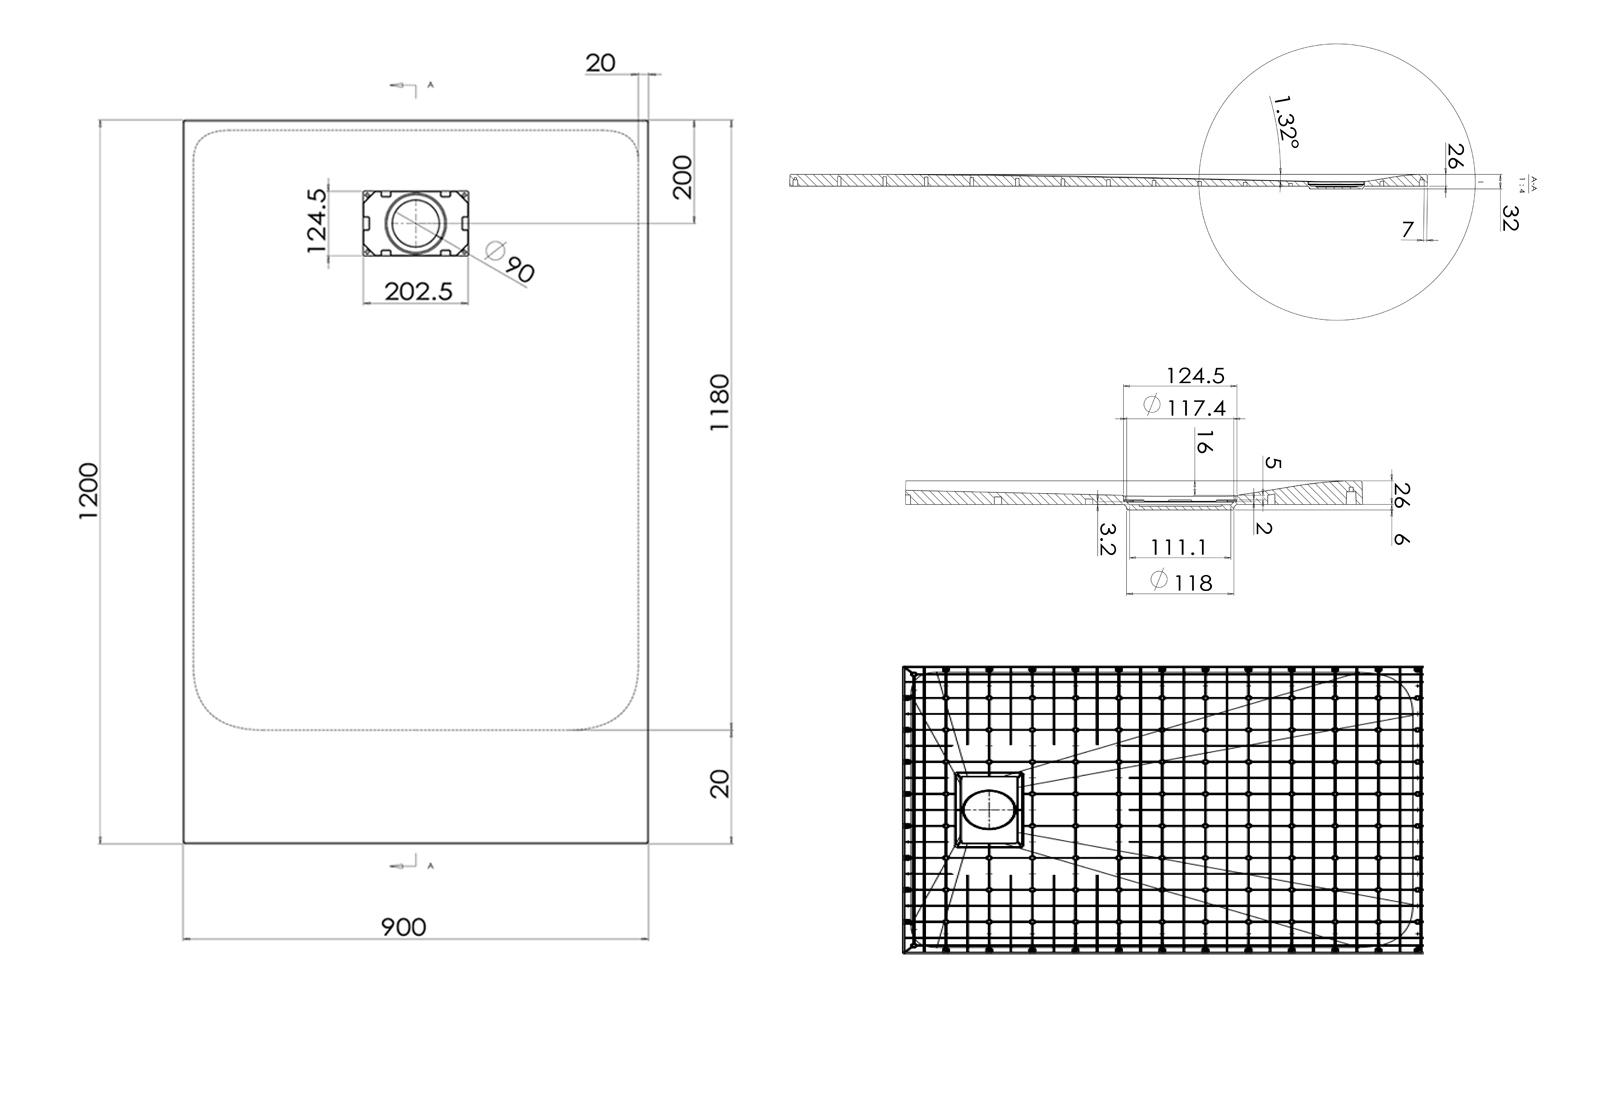 SMC Duschtasse 90x120cm - Zeichnung